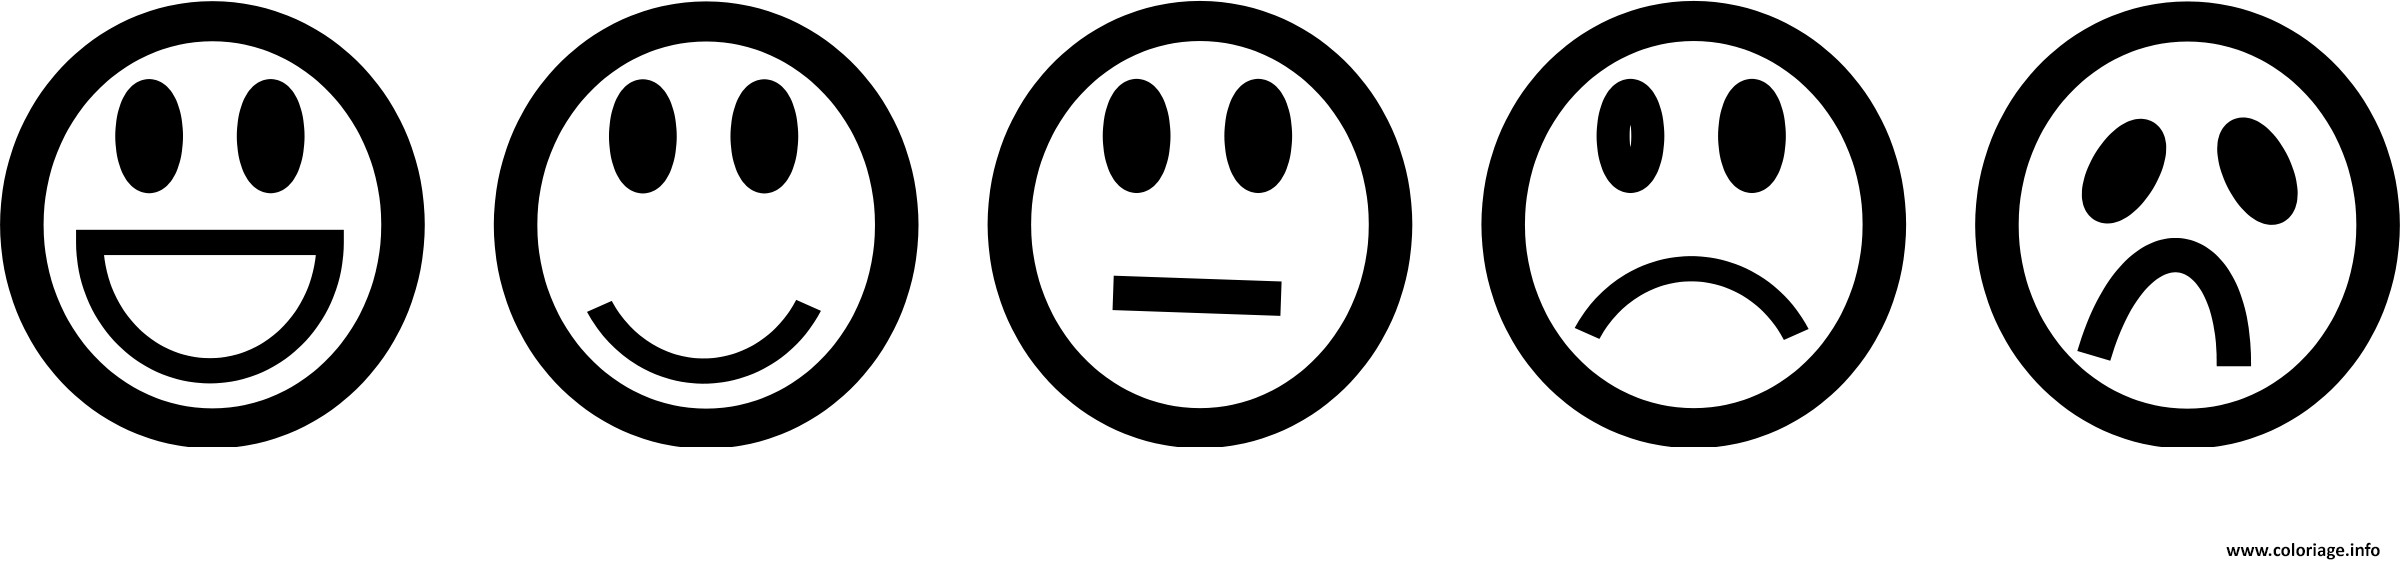 Dessin Emoji A Imprimer Gamboahinestrosa